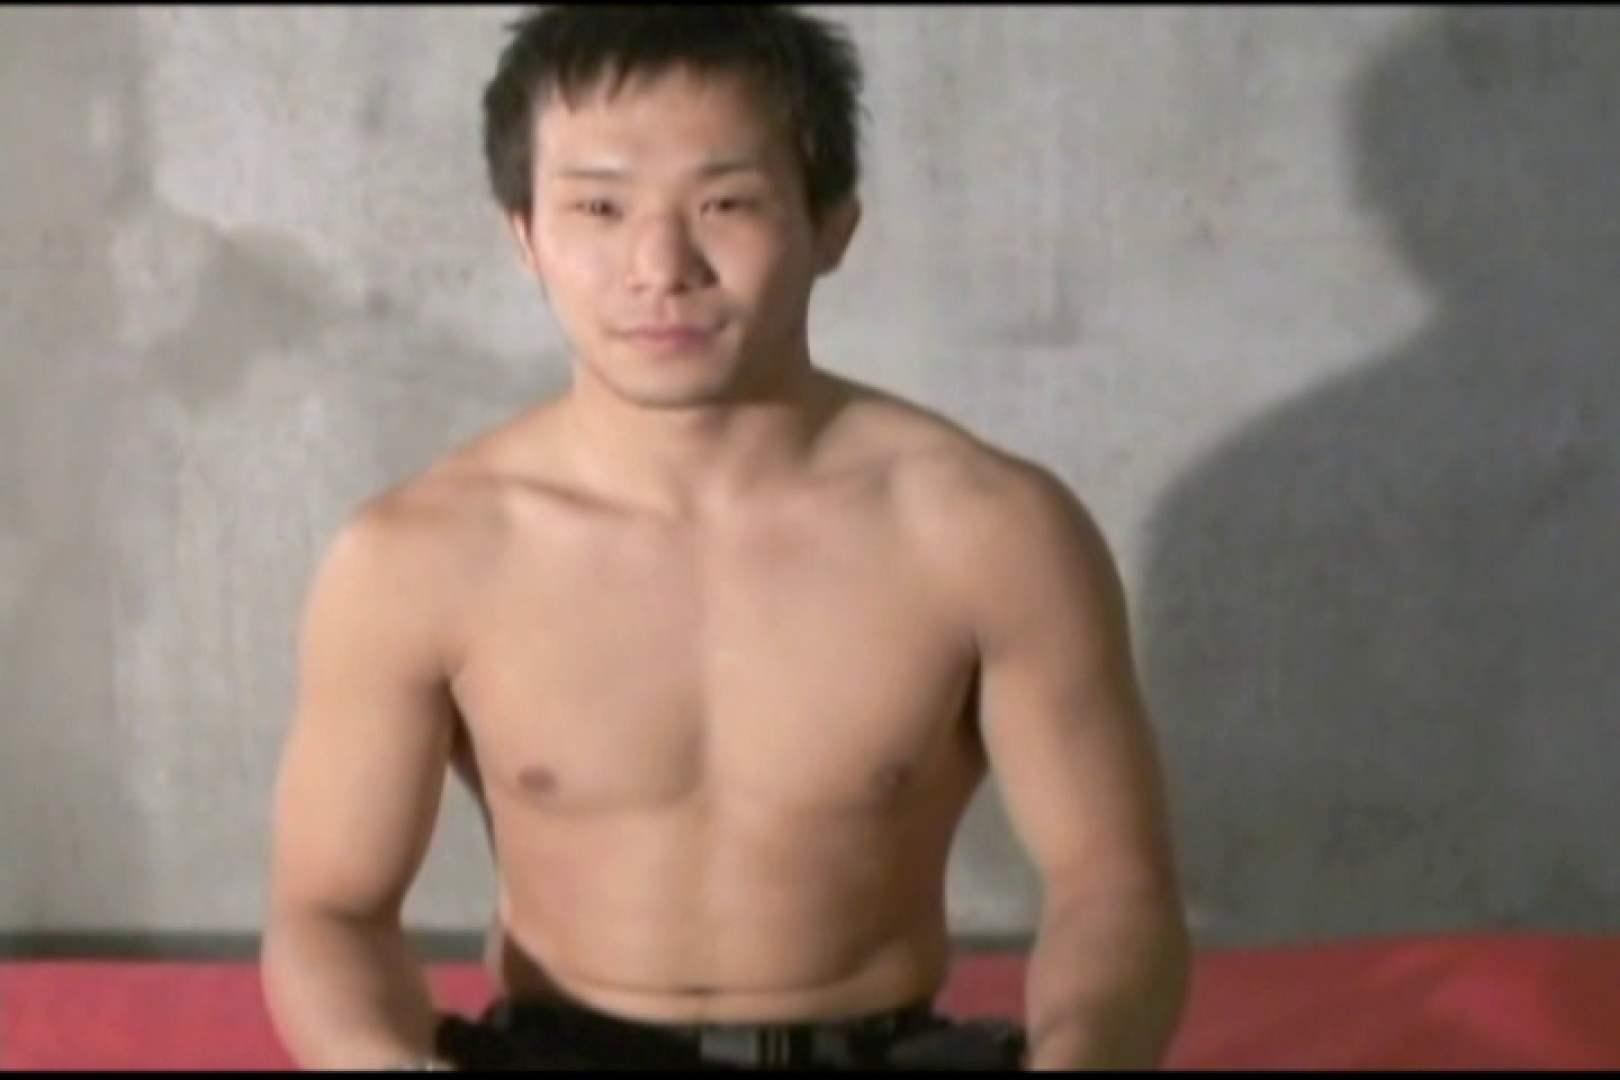 初々しさがたまらない若くてかわいげなのスポーツマン。 手コキ ゲイモロ見え画像 96連発 27